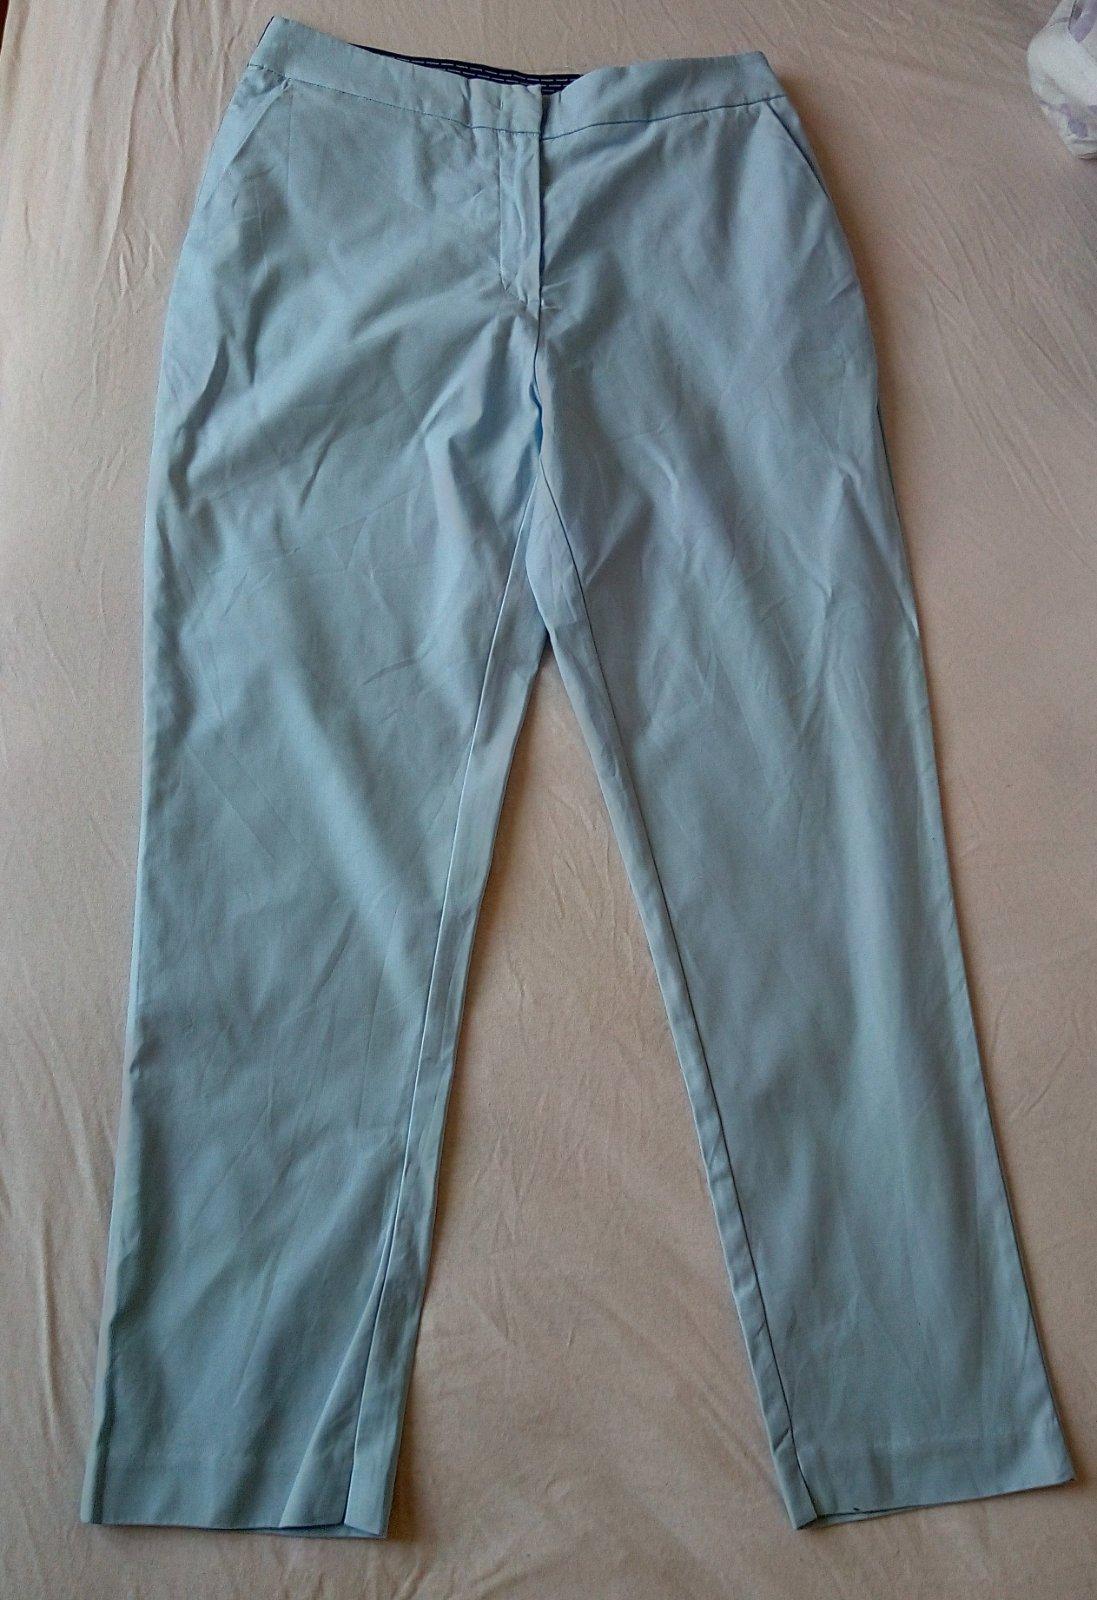 Bledomodré nohavice Orsay S - Obrázok č. 1